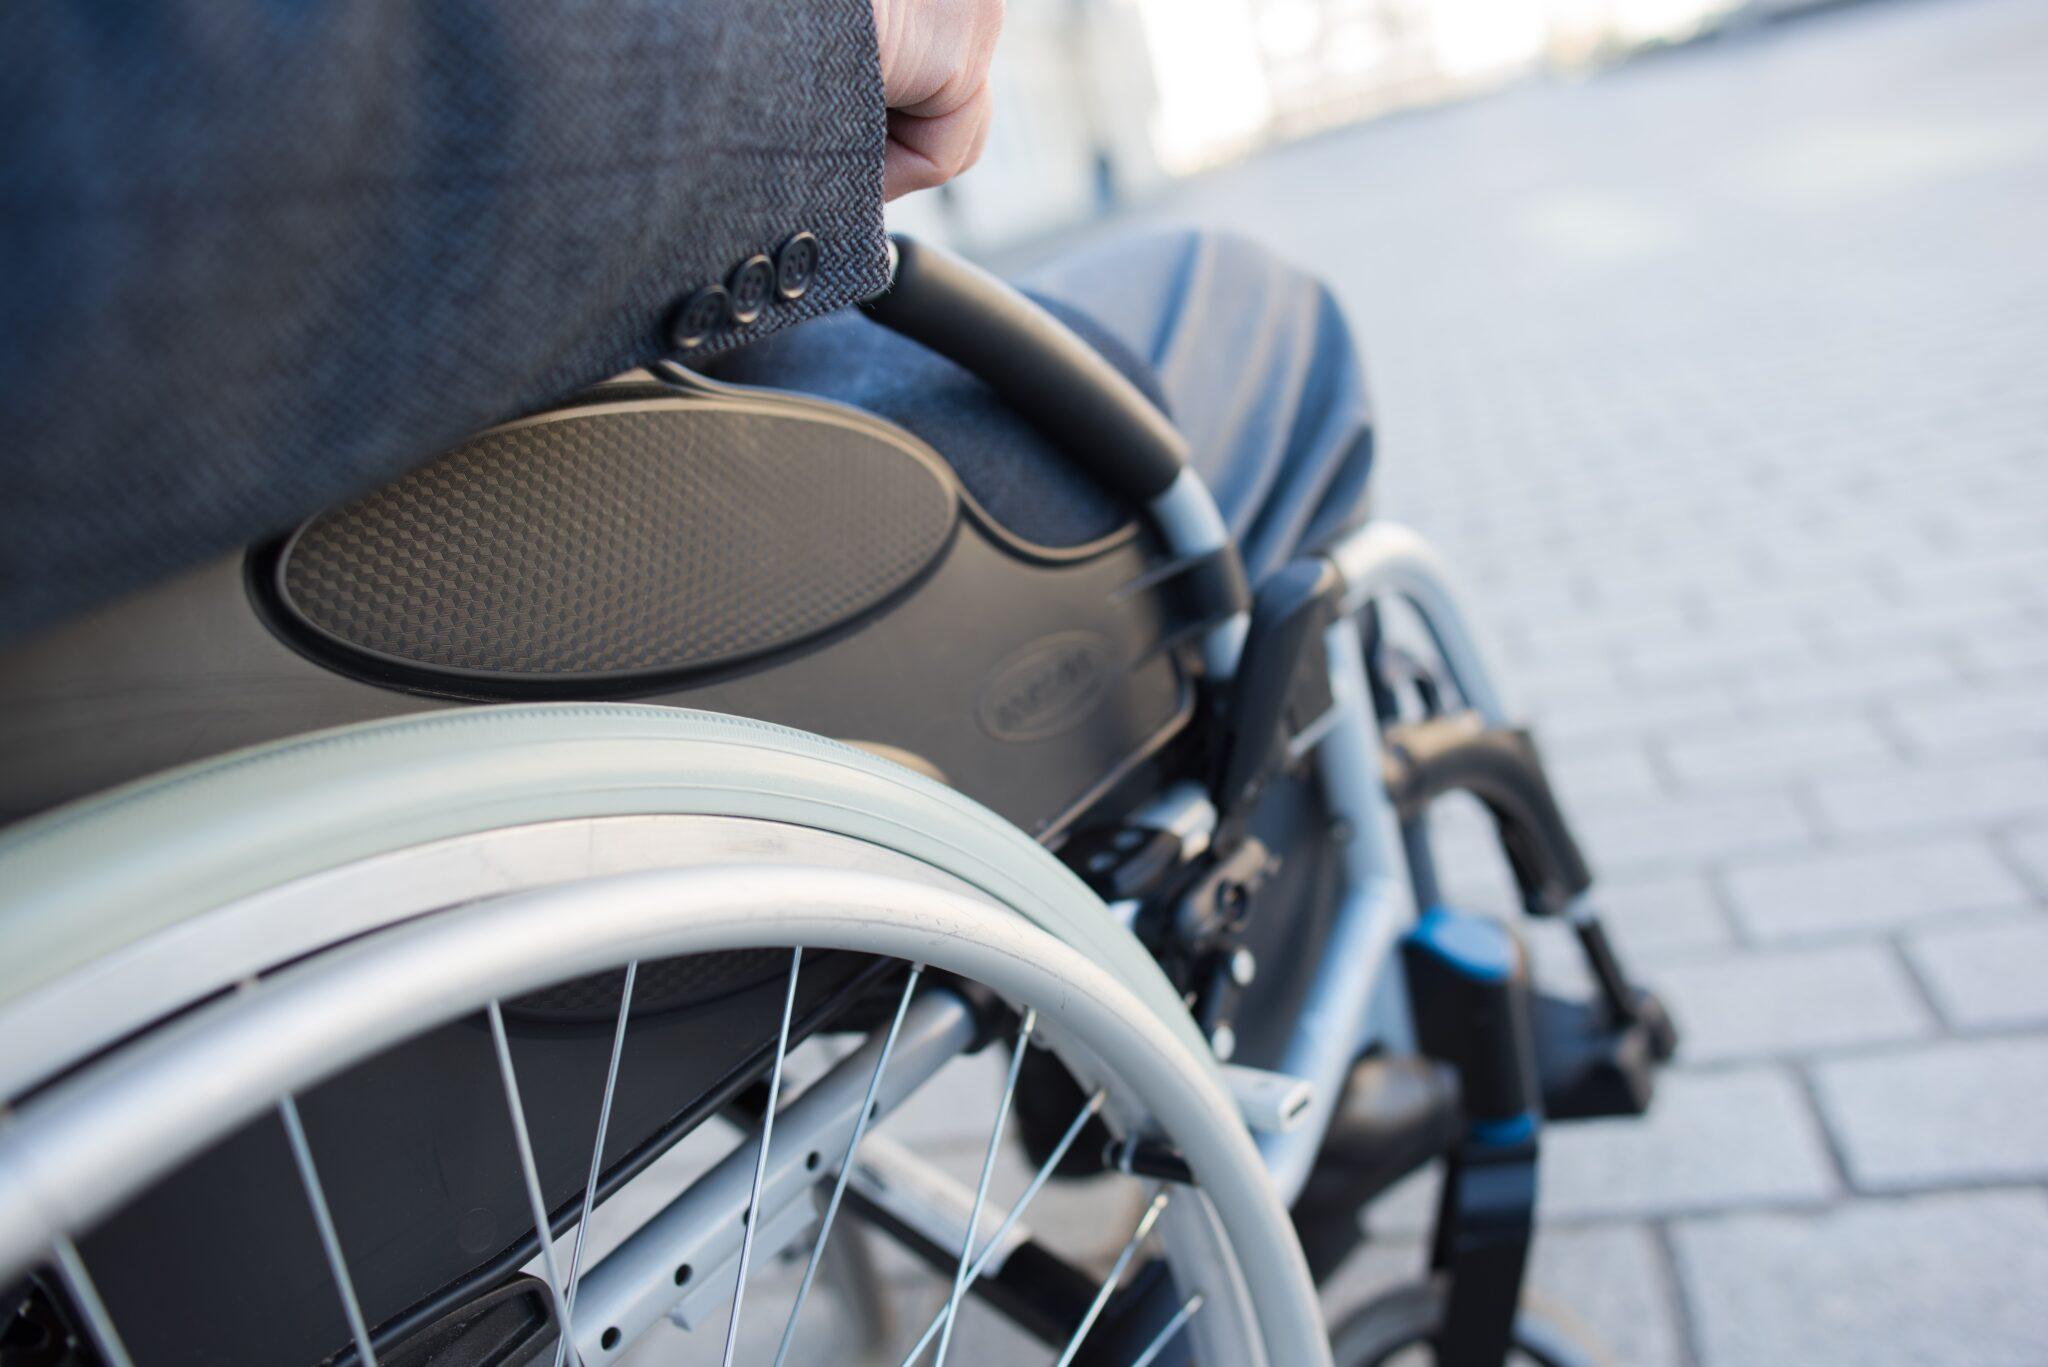 Allemagne : des usagers en fauteuil roulant énervés par les cyclistes